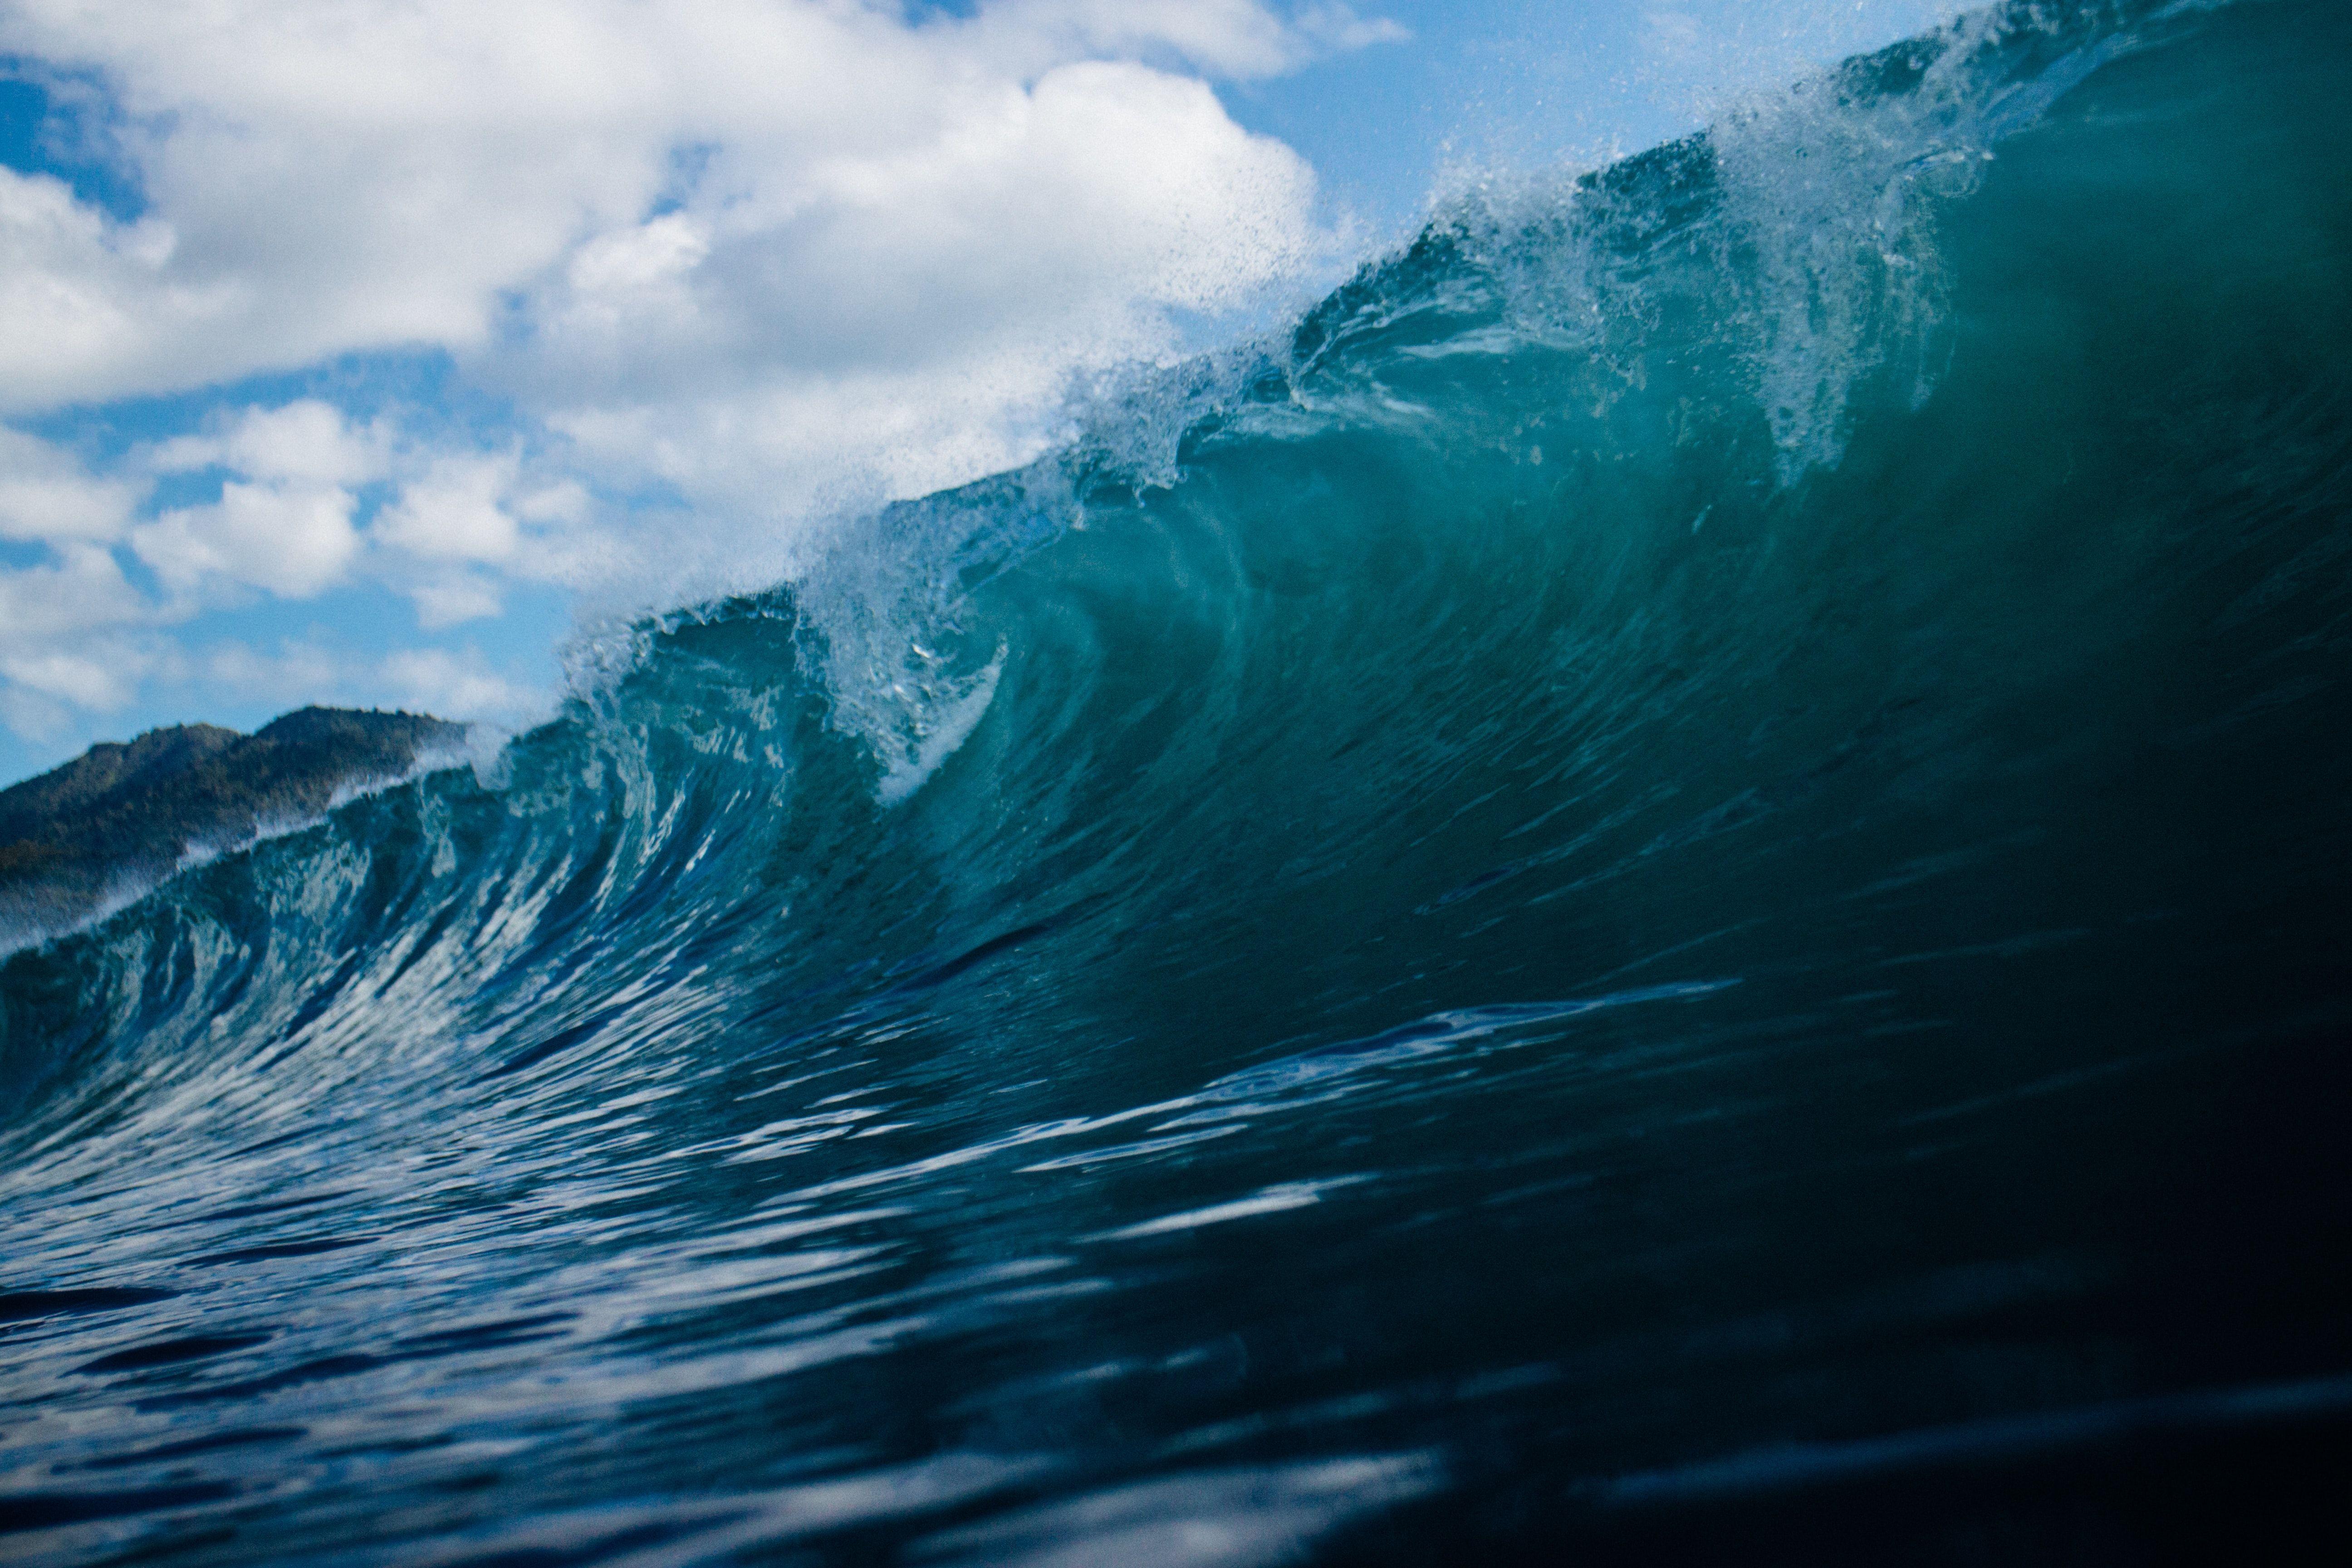 Pin On Ocean Waves